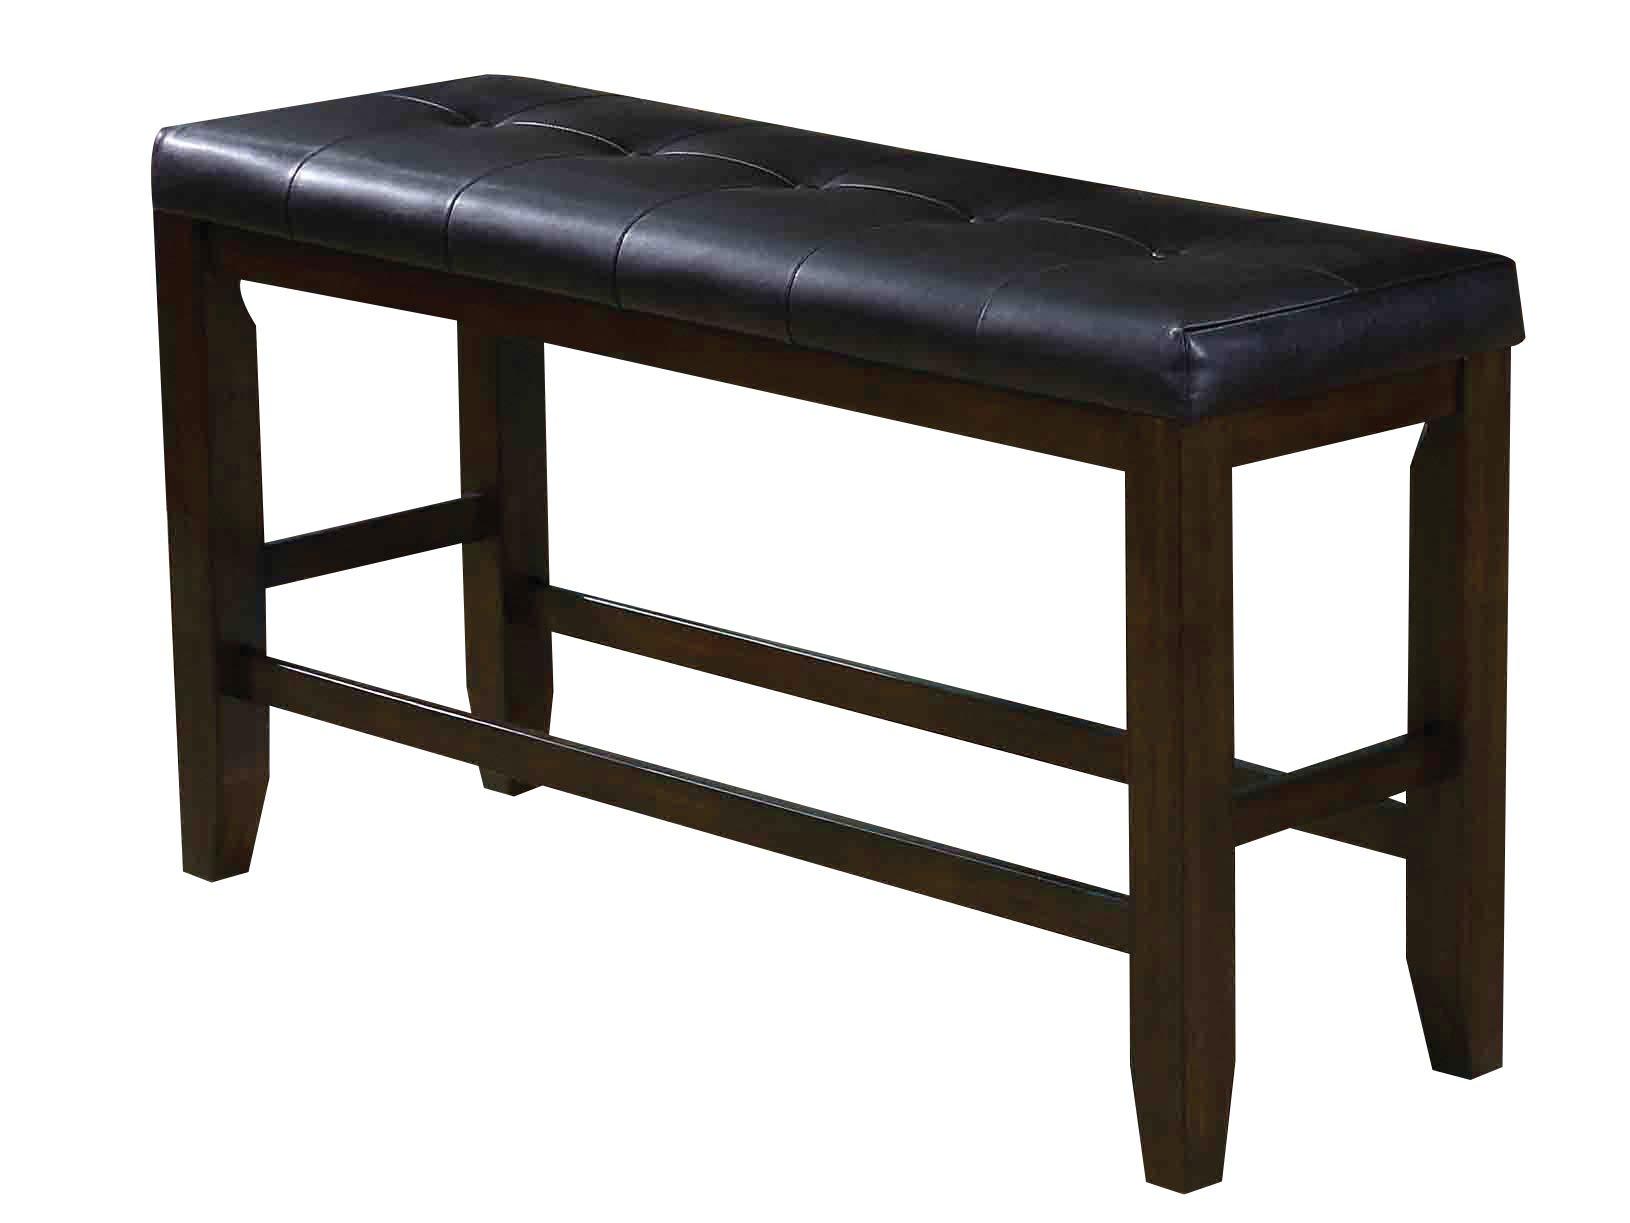 Acme Furniture AC-74634 Bench, Black PU & Espresso by Acme Furniture